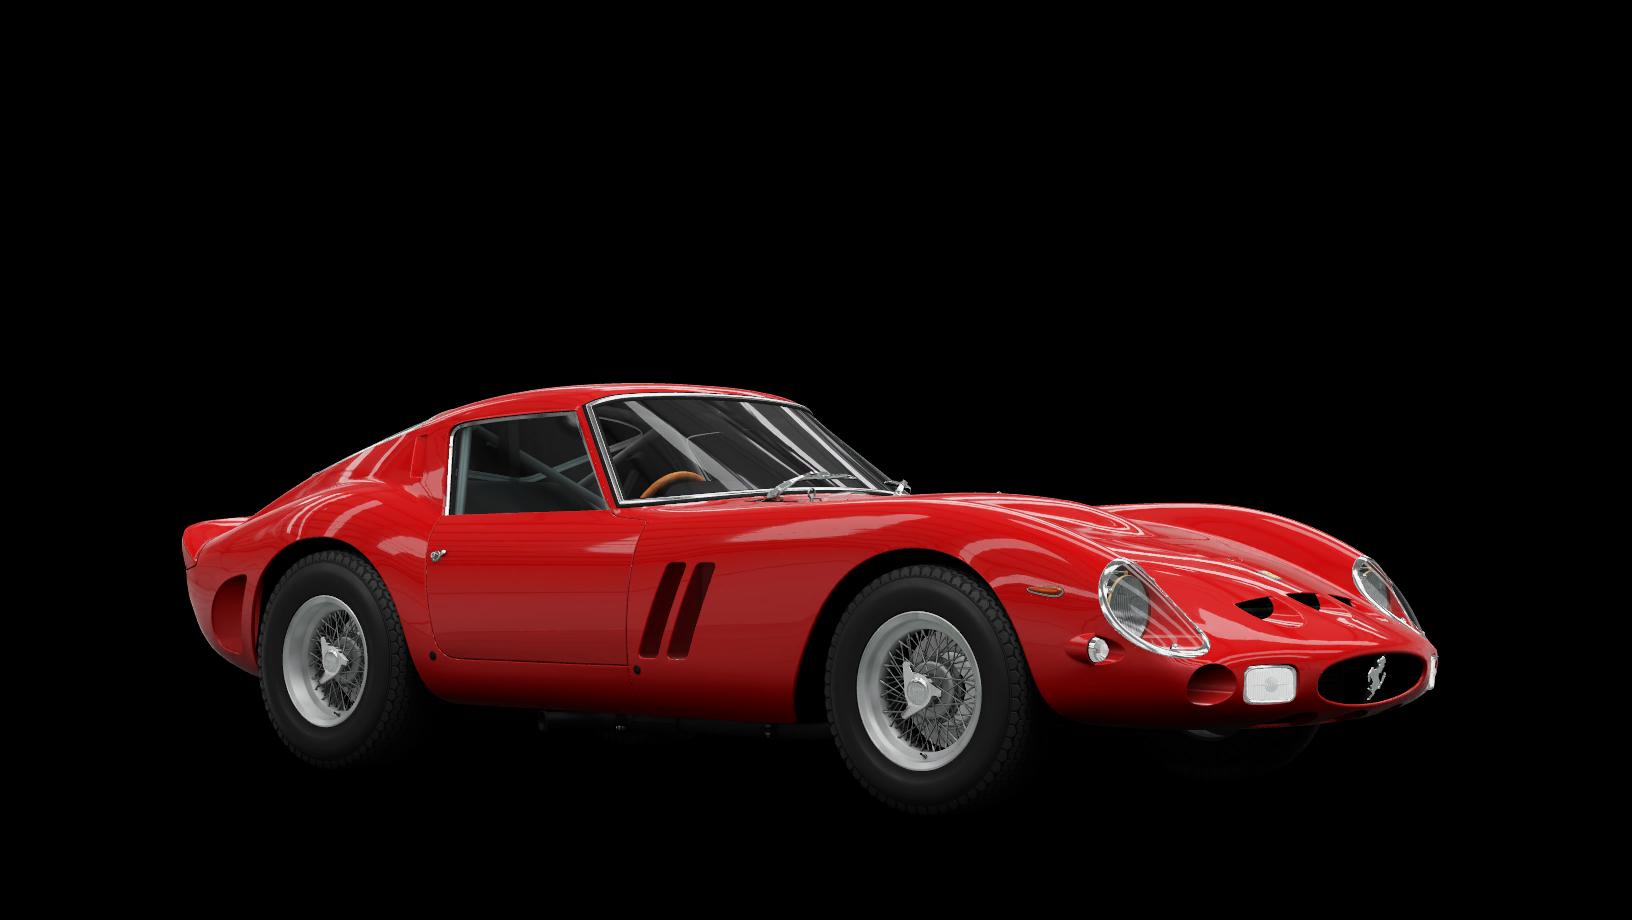 Ferrari 250 Gto Forza Wiki Fandom